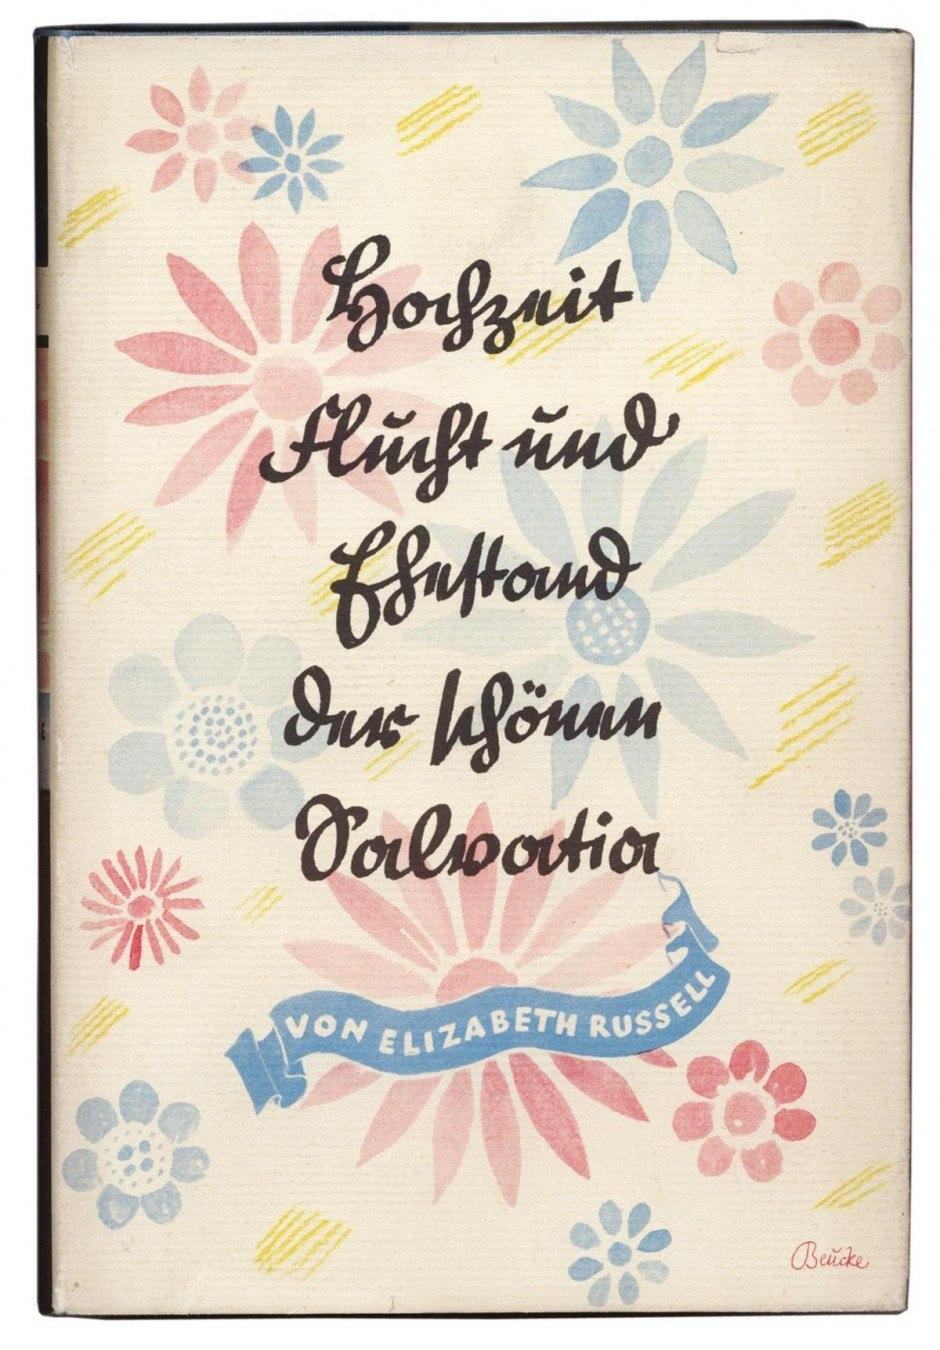 Den meisten fällt es heute schwer, die seit dem 18. Jahrhundert ver-breitete deutsche Schreibschrift zu lesen. Dabei war sie es, die die Kinder – in der von Ludwig Sütterlin 1911 standardisierten Form – in der Schule lernten, bis die Nazis sie 1941 durch die lateinische Schrift ersetzten. Hier kommt sie auf einem Umschlag von Georg Salter zum Einsatz, dem wohl bekann-testen deutschen Buchgestalter, der 1934 in die USA emigrierte